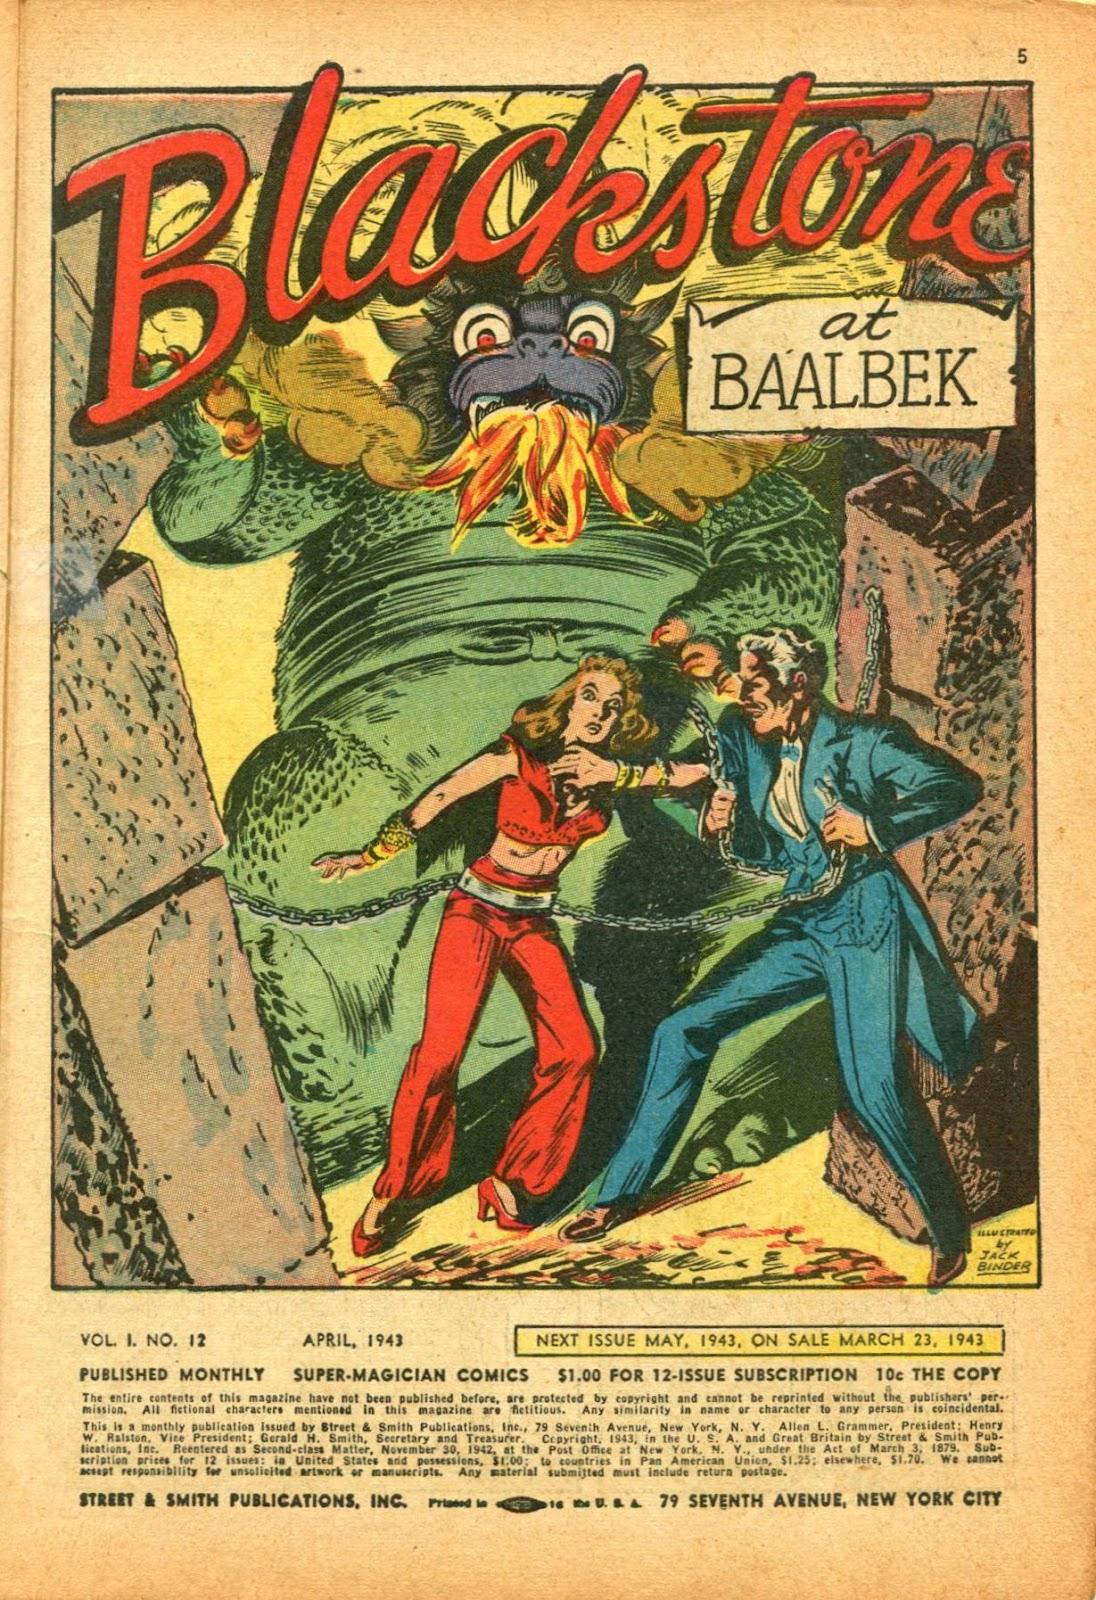 Read online Super-Magician Comics comic -  Issue #12 - 5